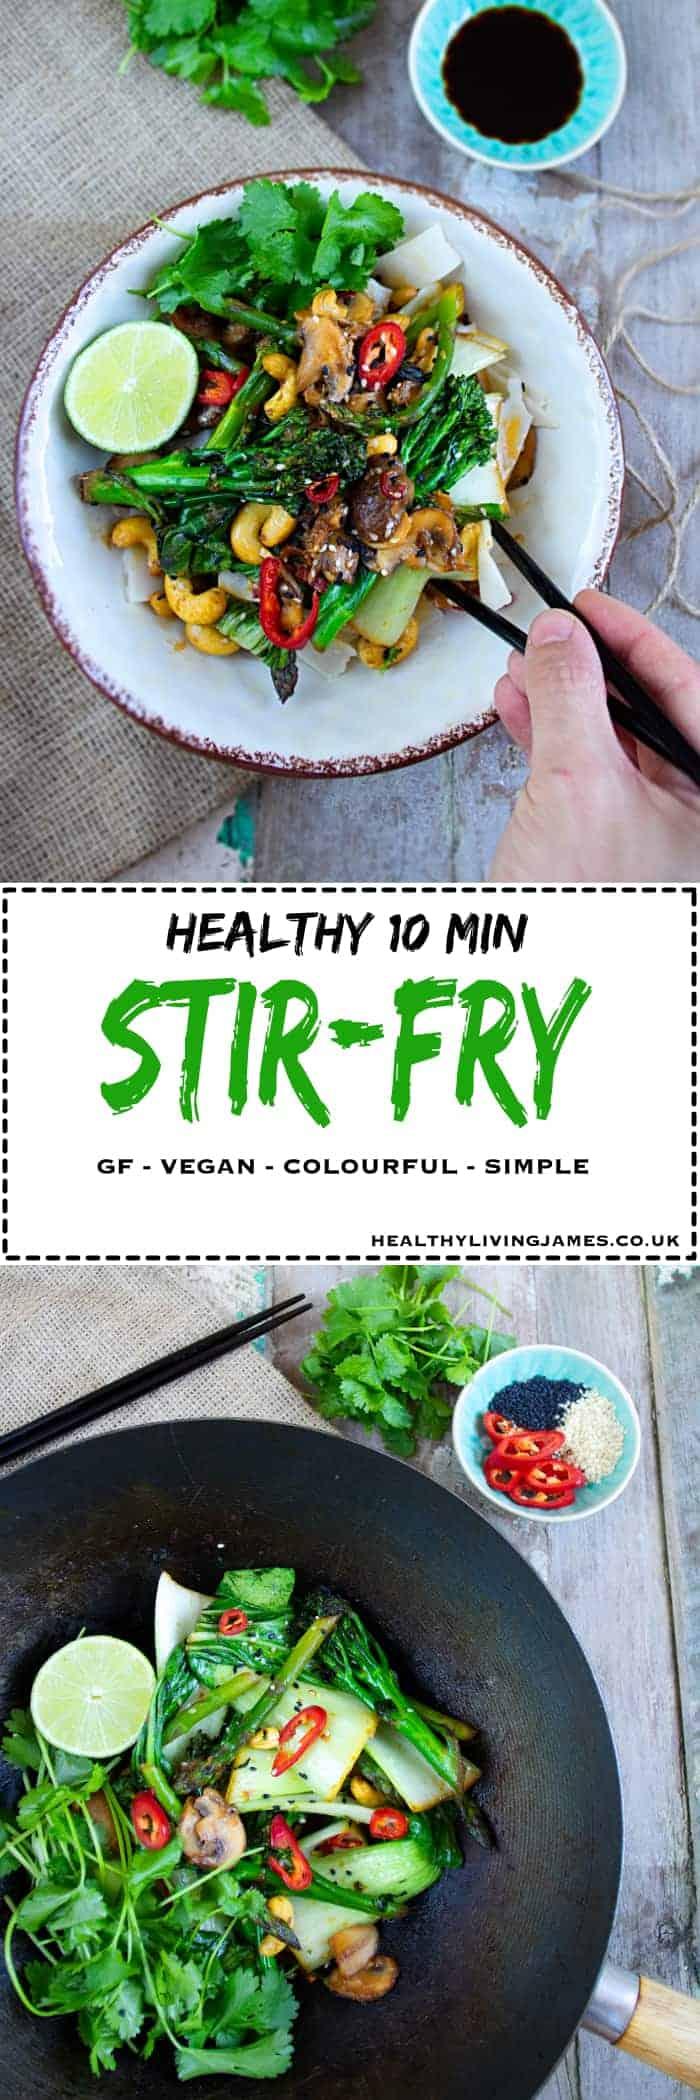 Healthy 10 Min Stir-Fry